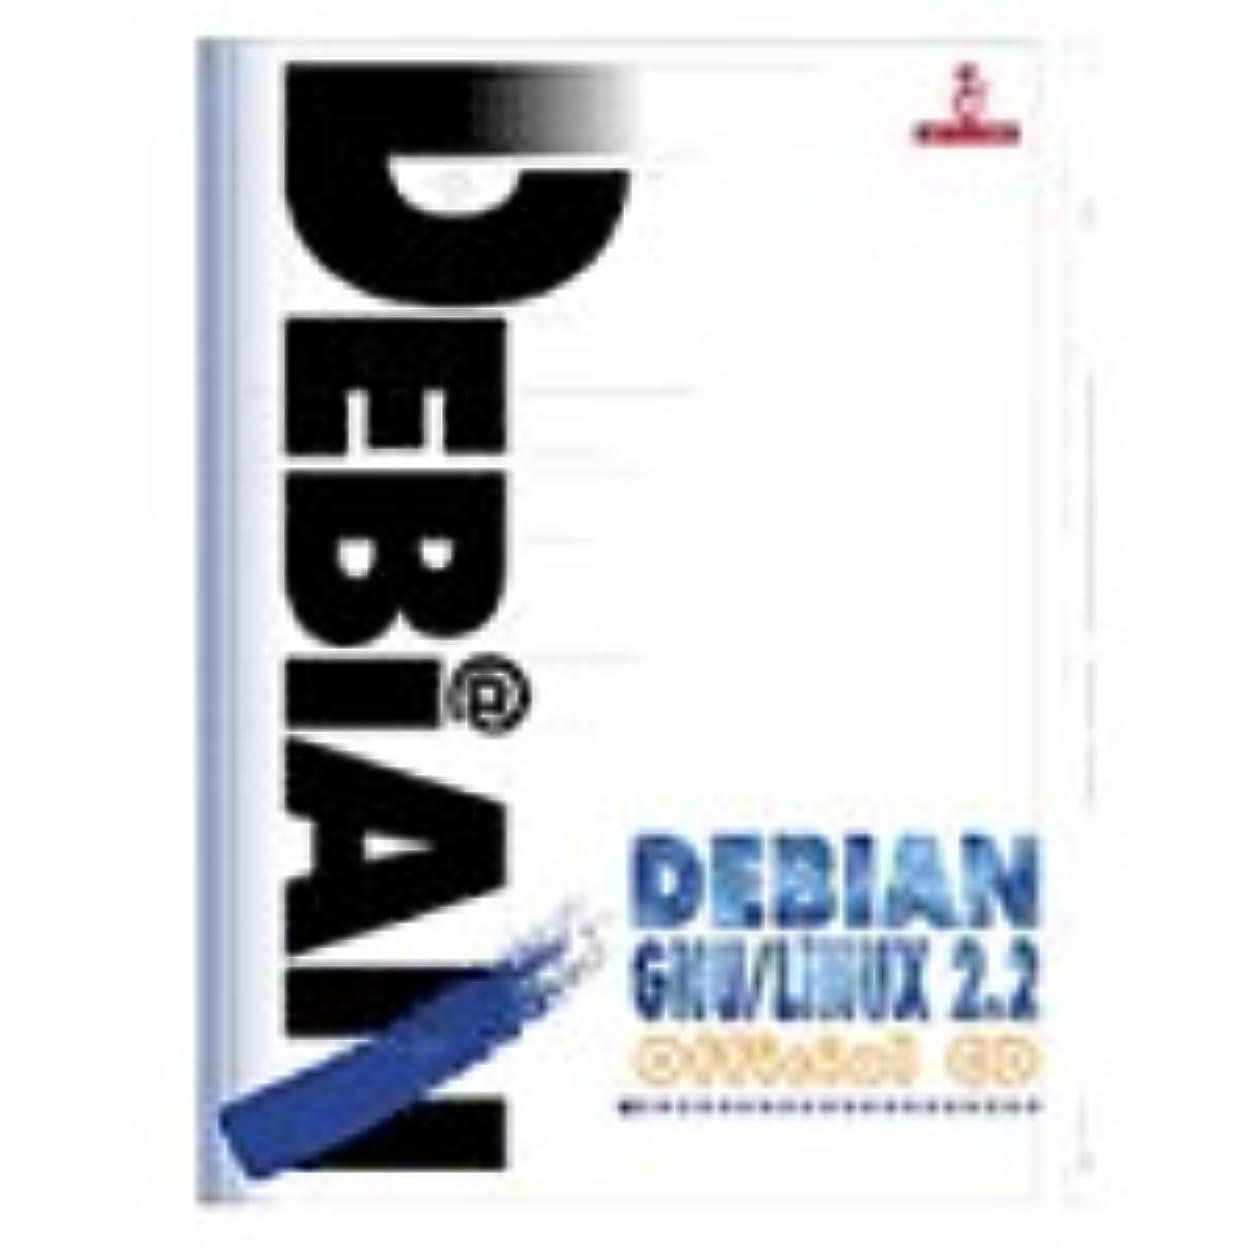 助言とティーム導出Debian GNU/Linux 2.2 Official CD